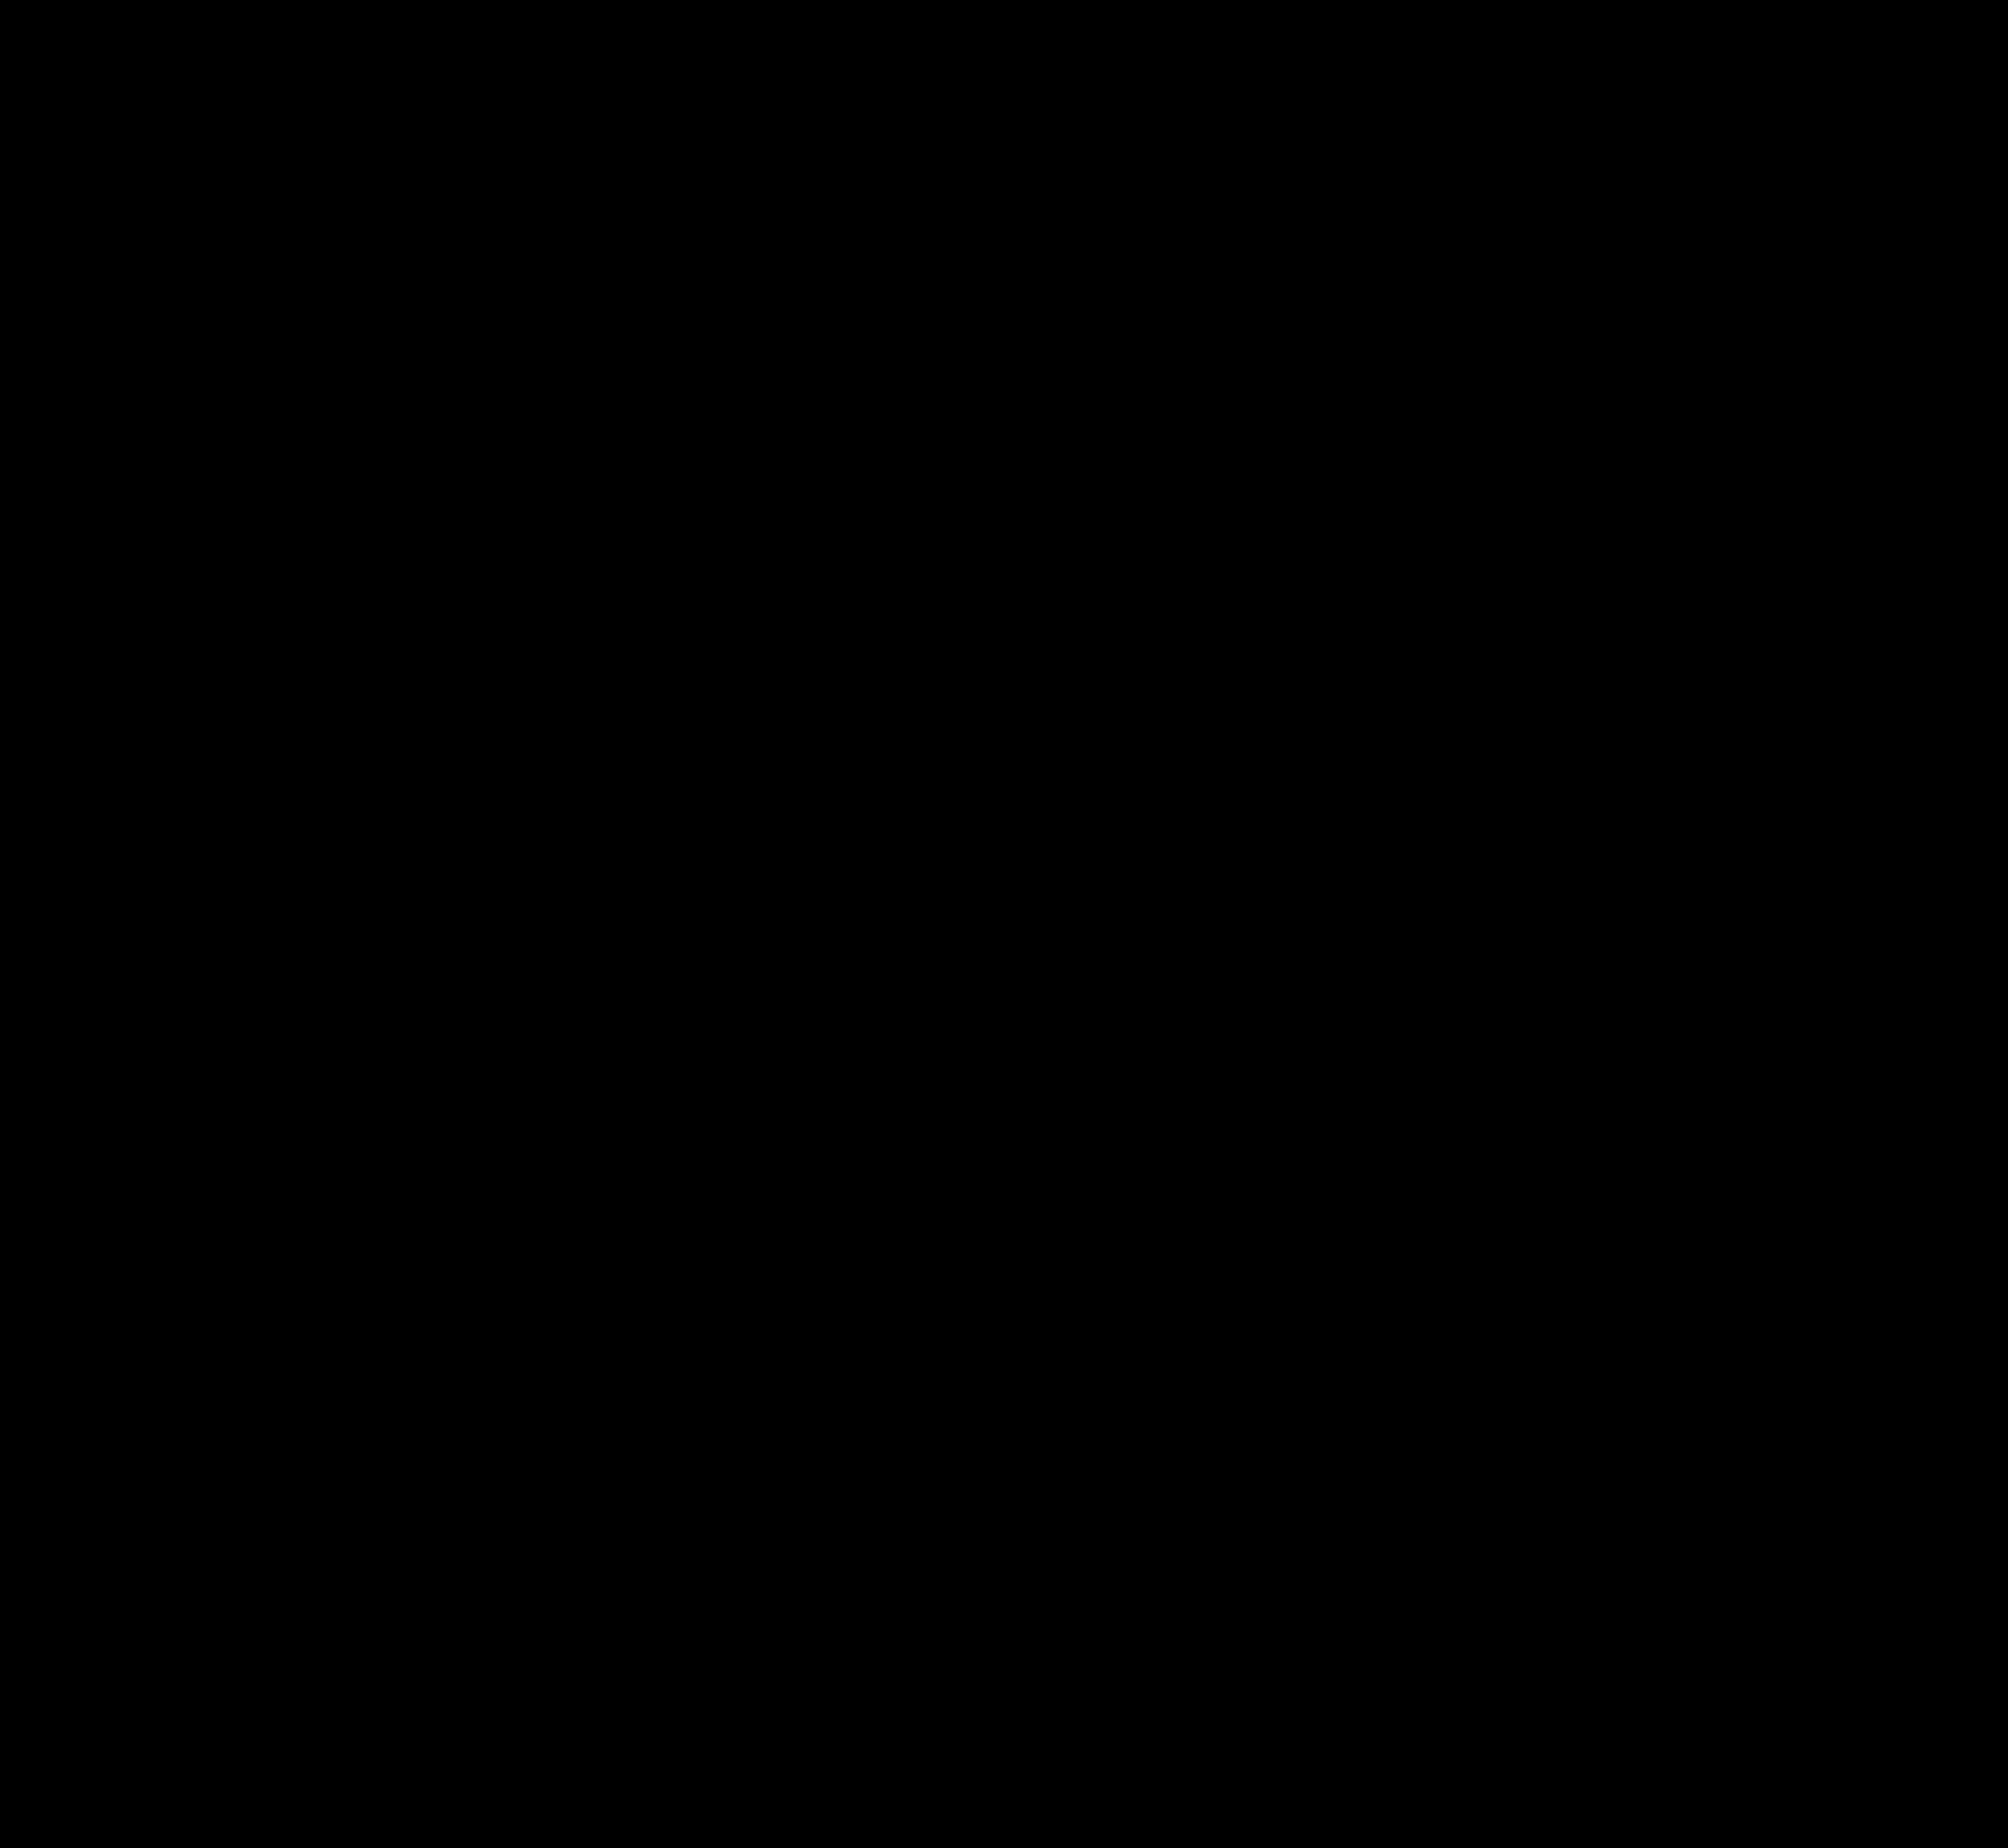 Celtic knot Triquetra Celts Drawing Clip art.